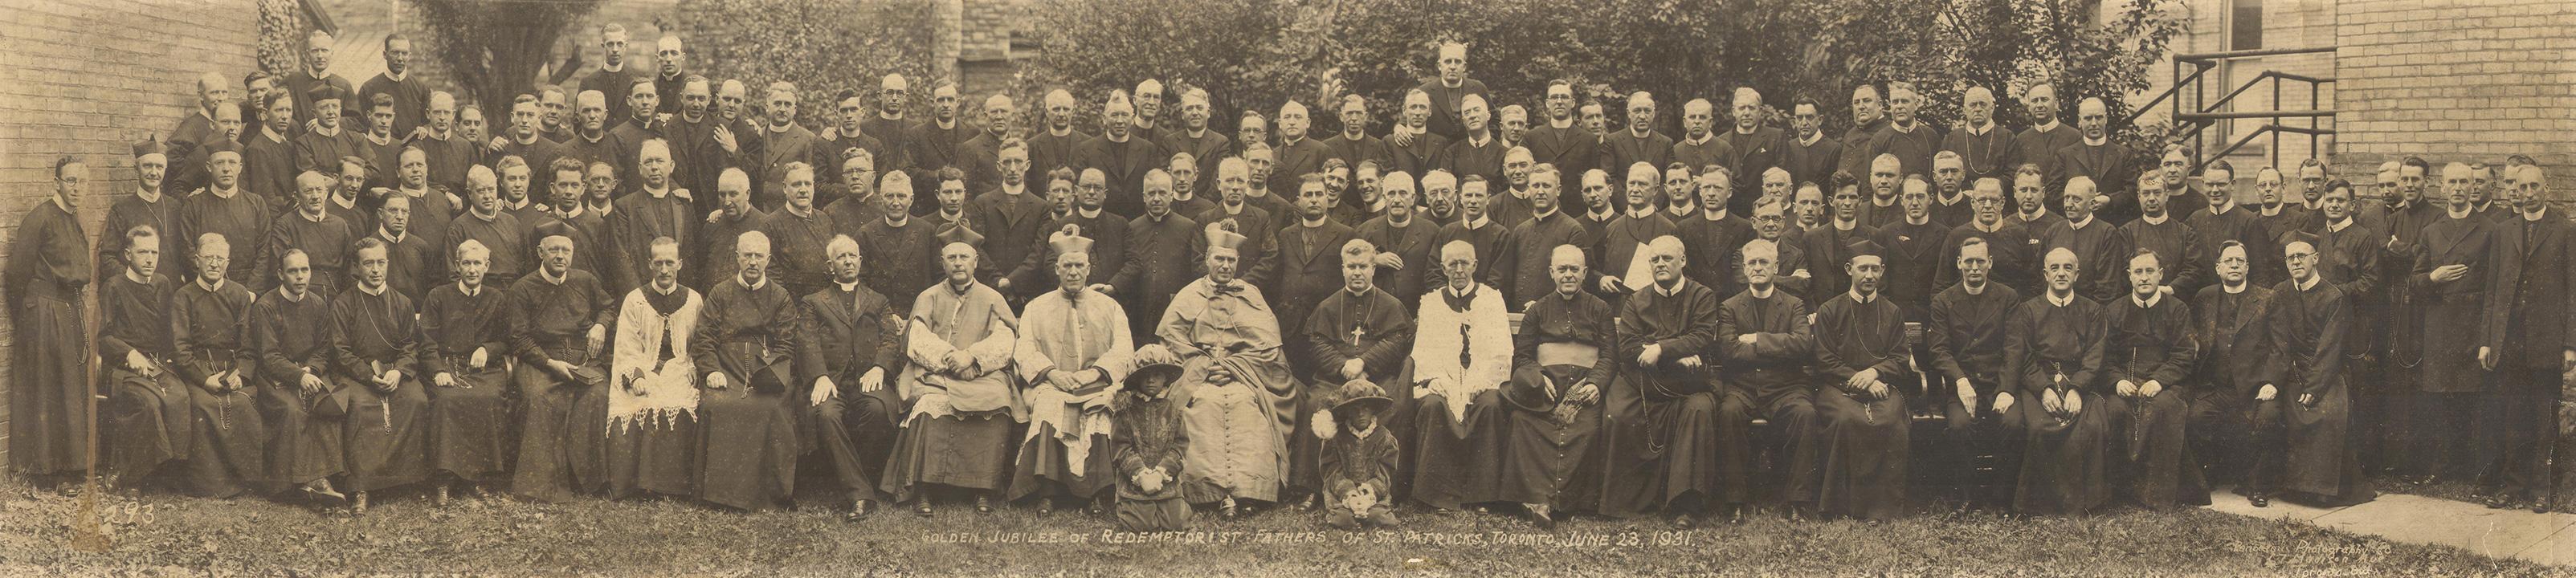 Golden Jubilee of Redemptorist Fathers of St. Patrick's Toronto. June 23, 1931.